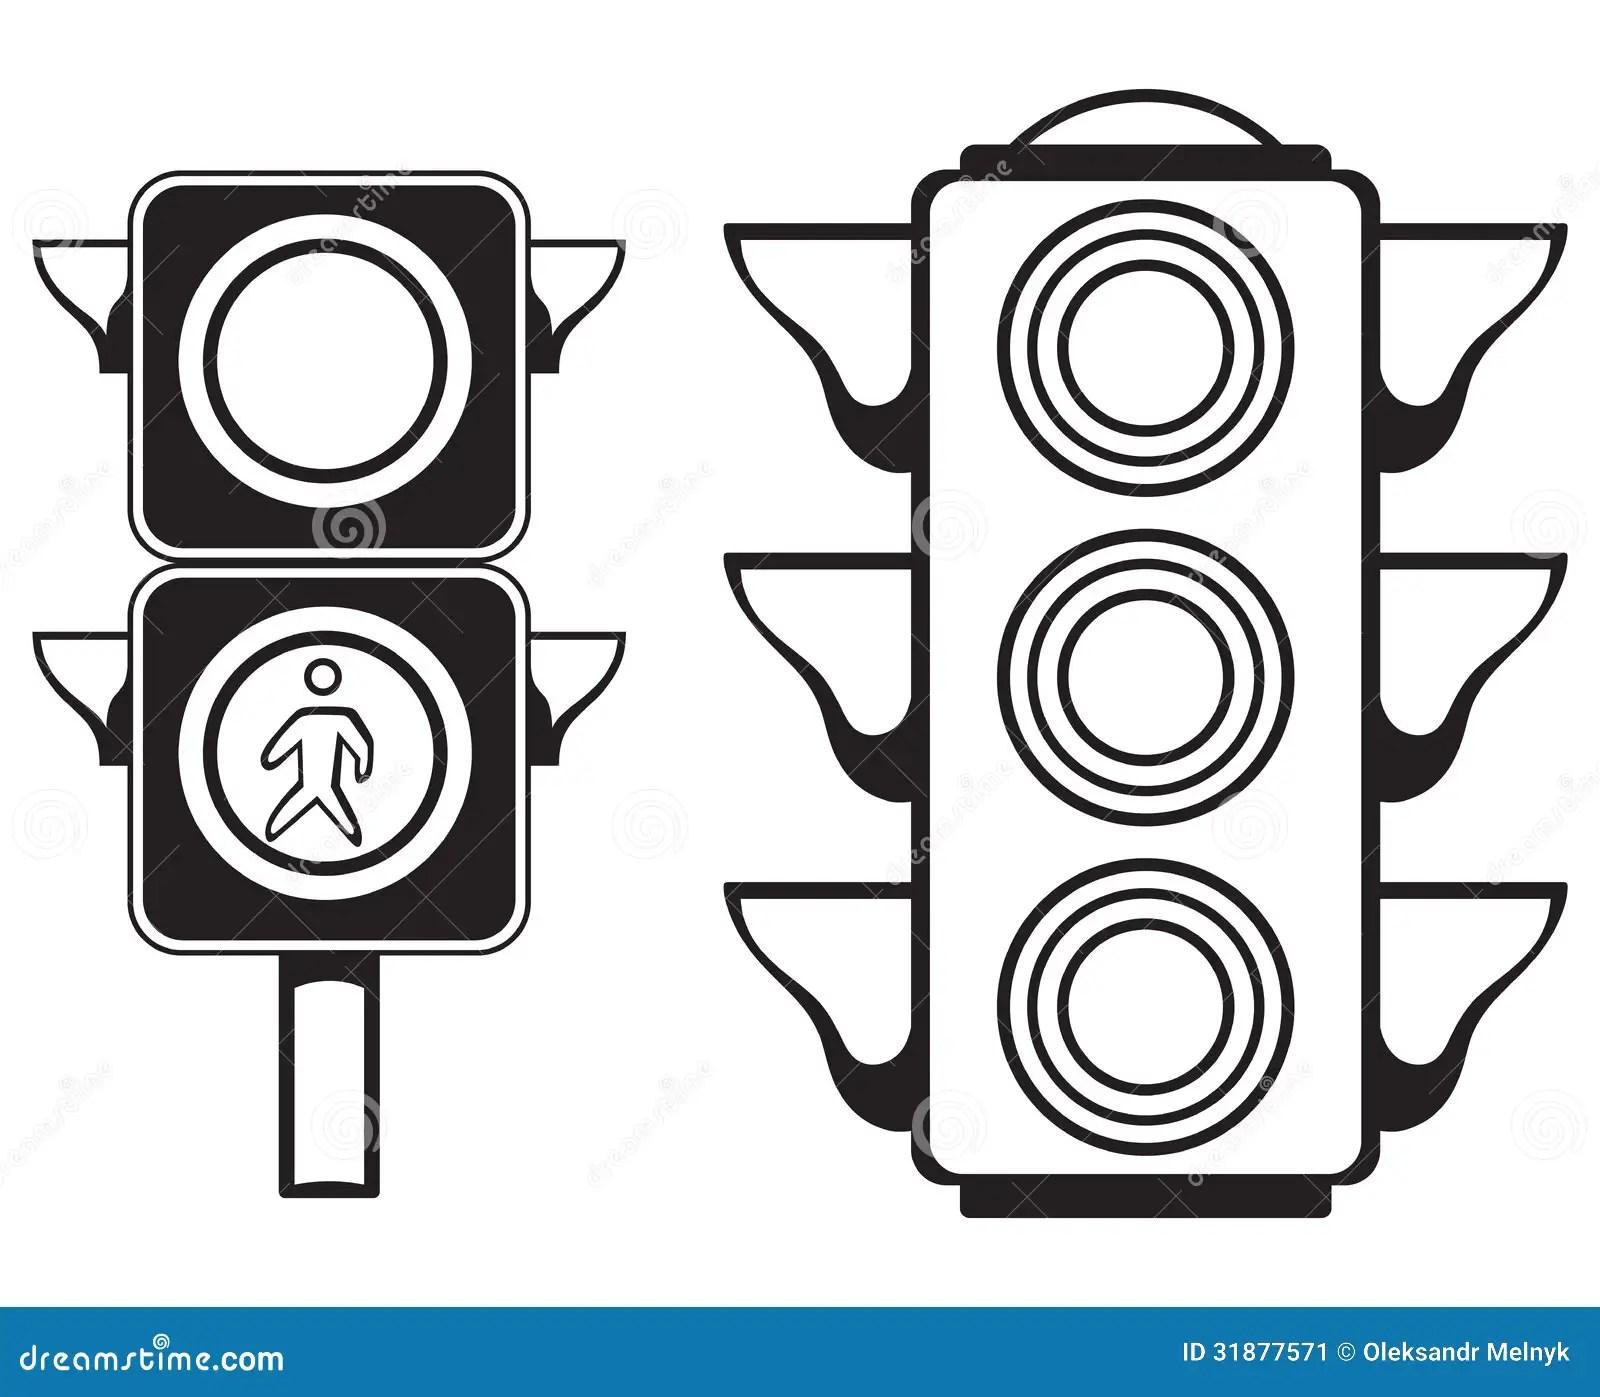 Traffic light stock vector. Illustration of black